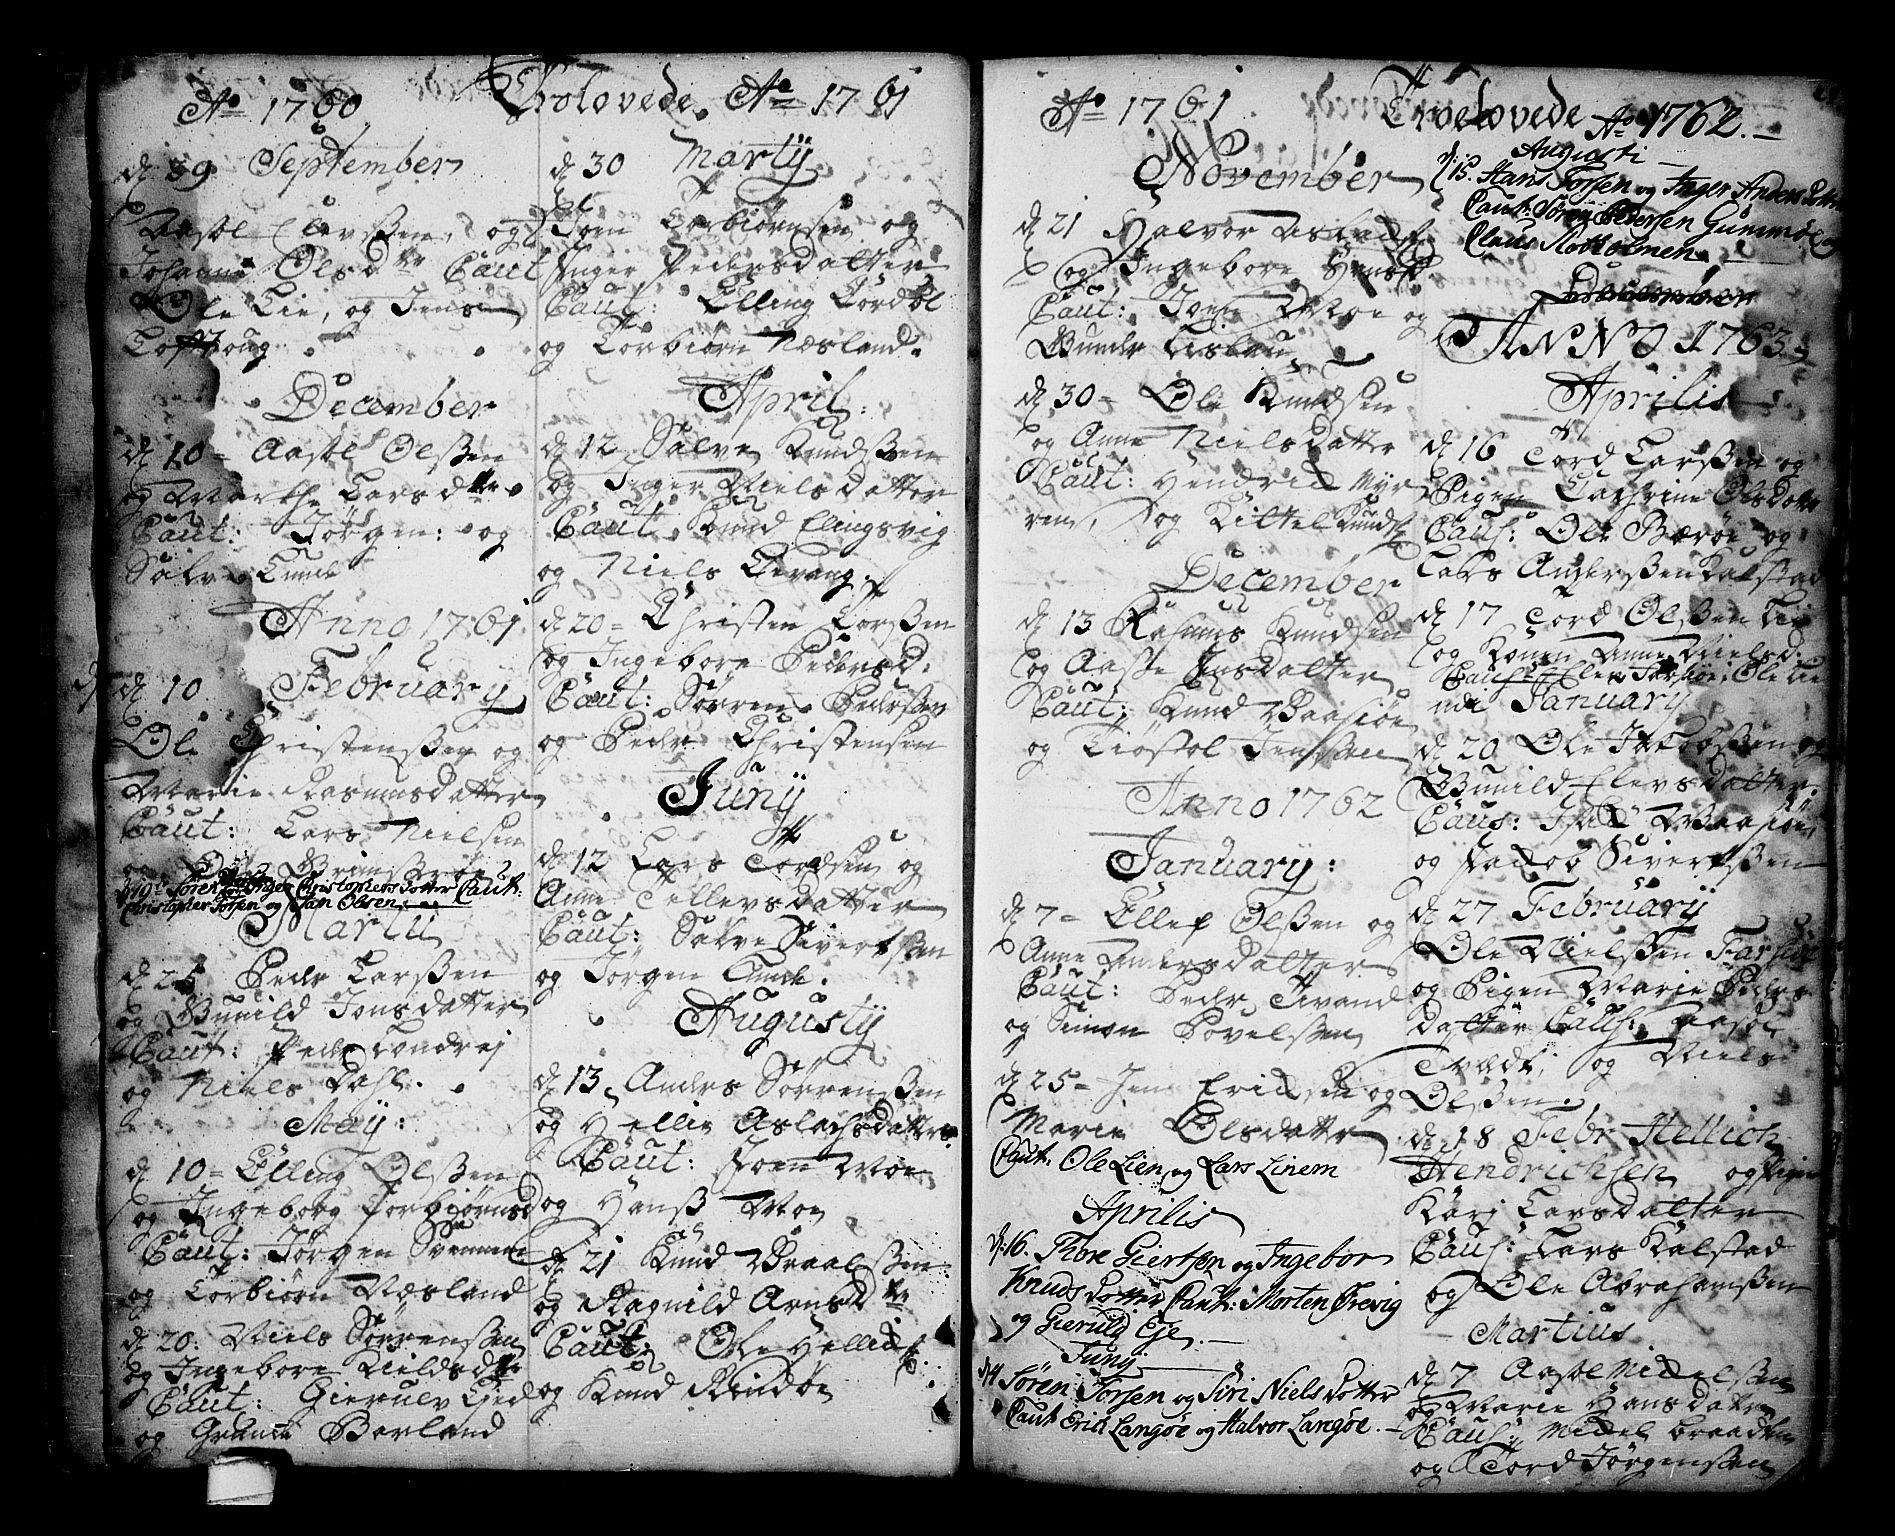 SAKO, Sannidal kirkebøker, F/Fa/L0001: Ministerialbok nr. 1, 1702-1766, s. 28-29